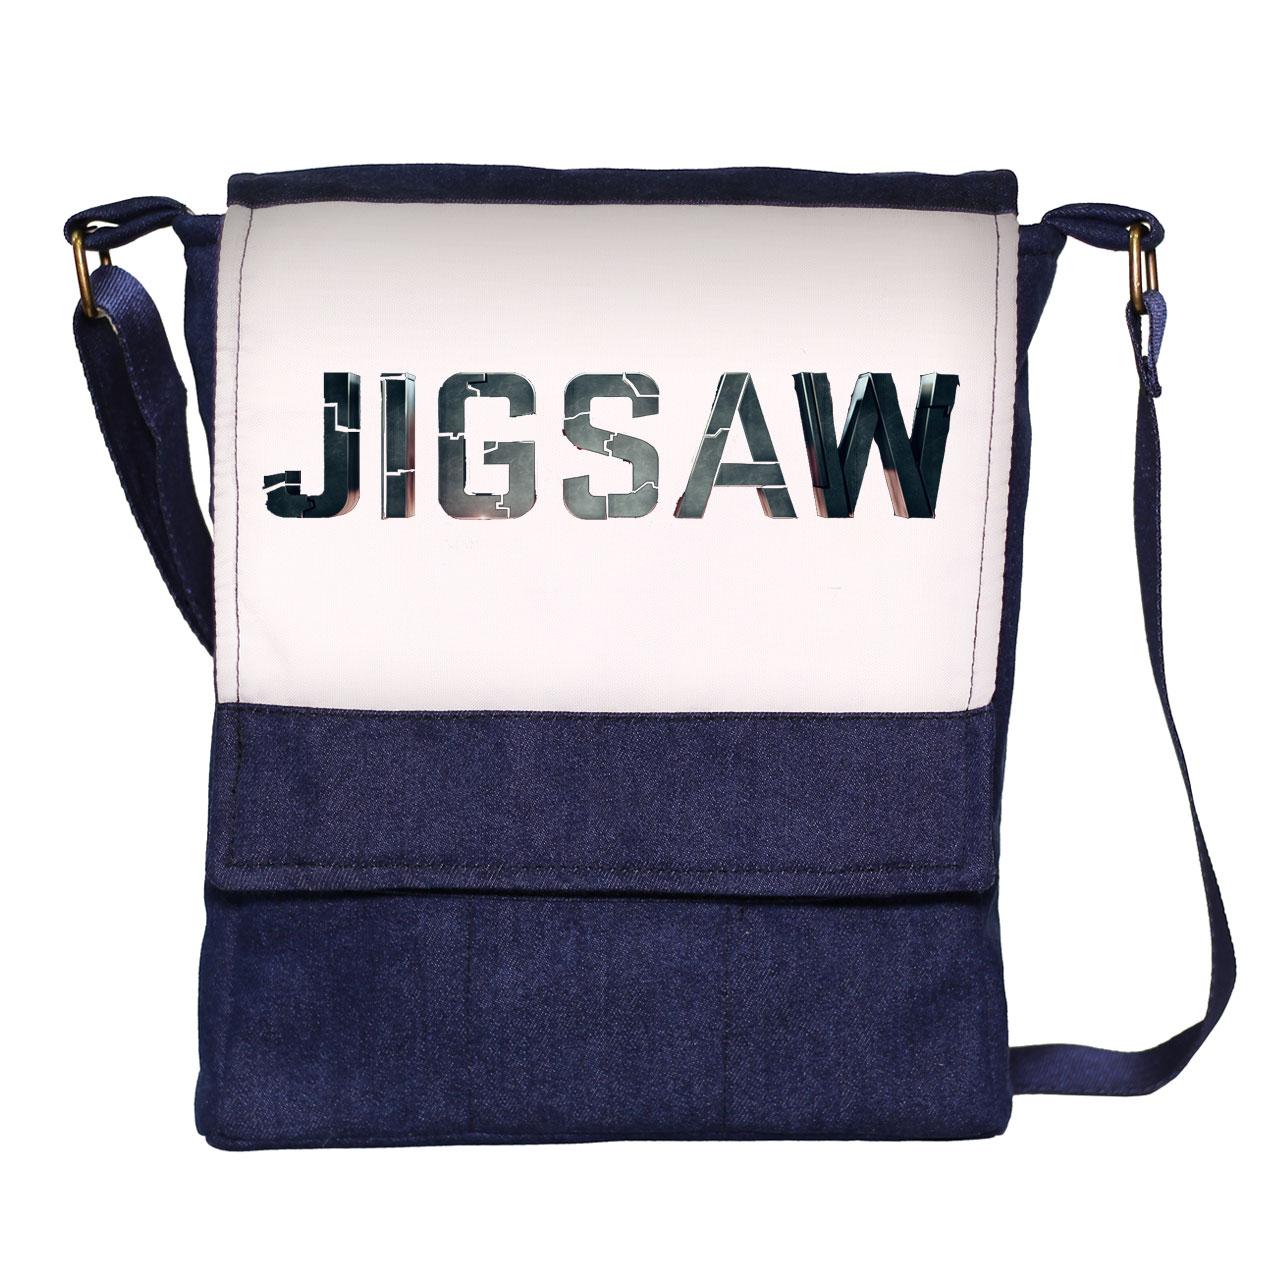 کیف دوشی مردانه گالری چی چاپ طرح jigsaw کد 1042